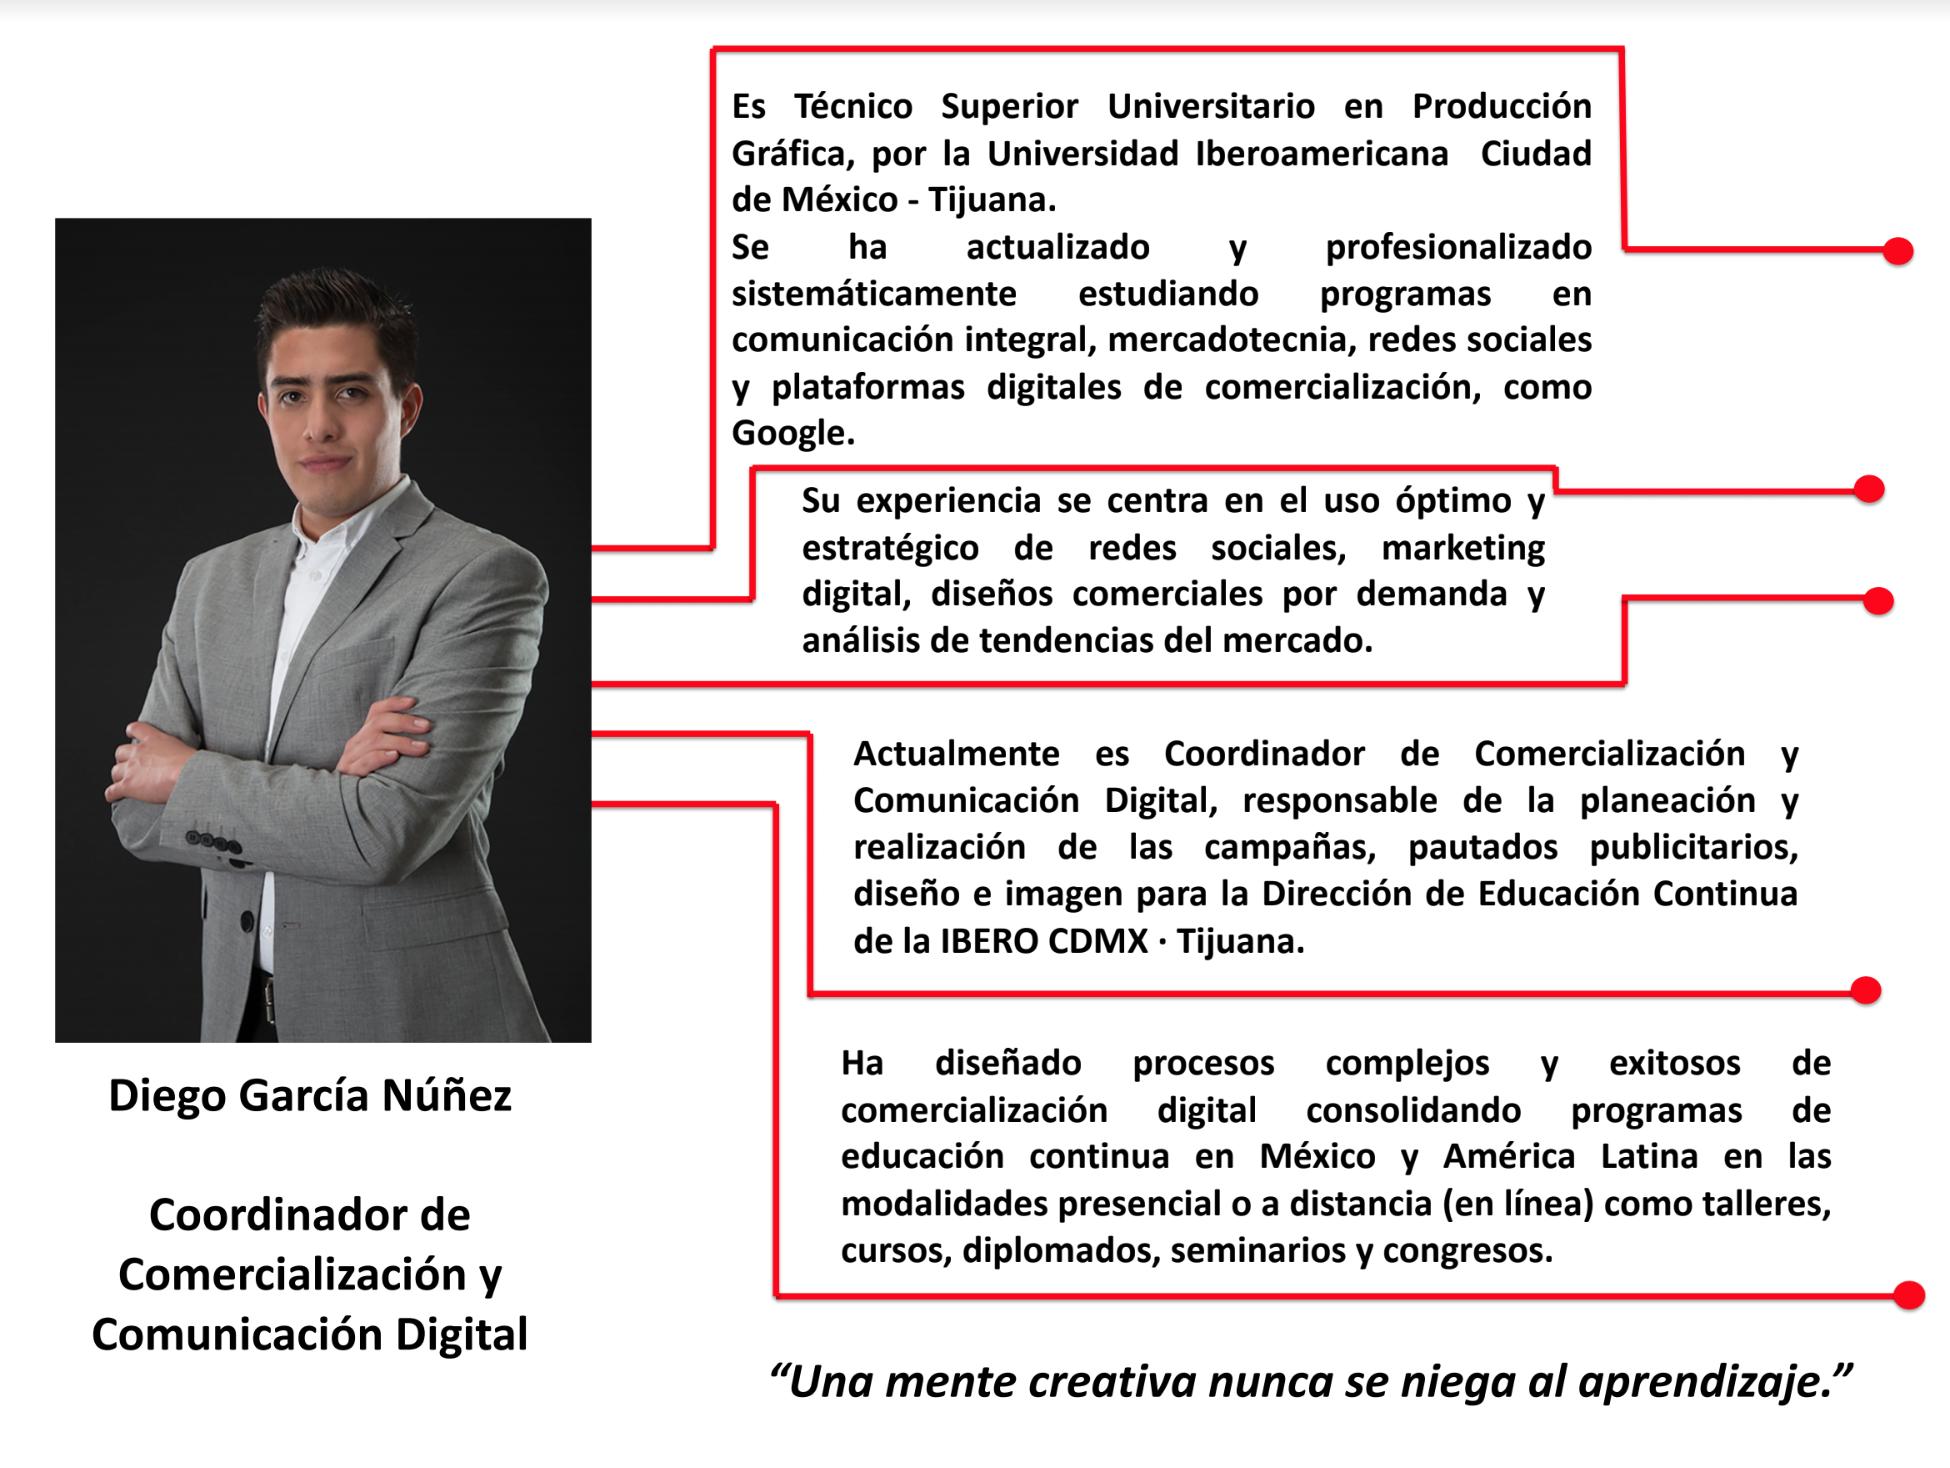 Diego garcía Nuñez